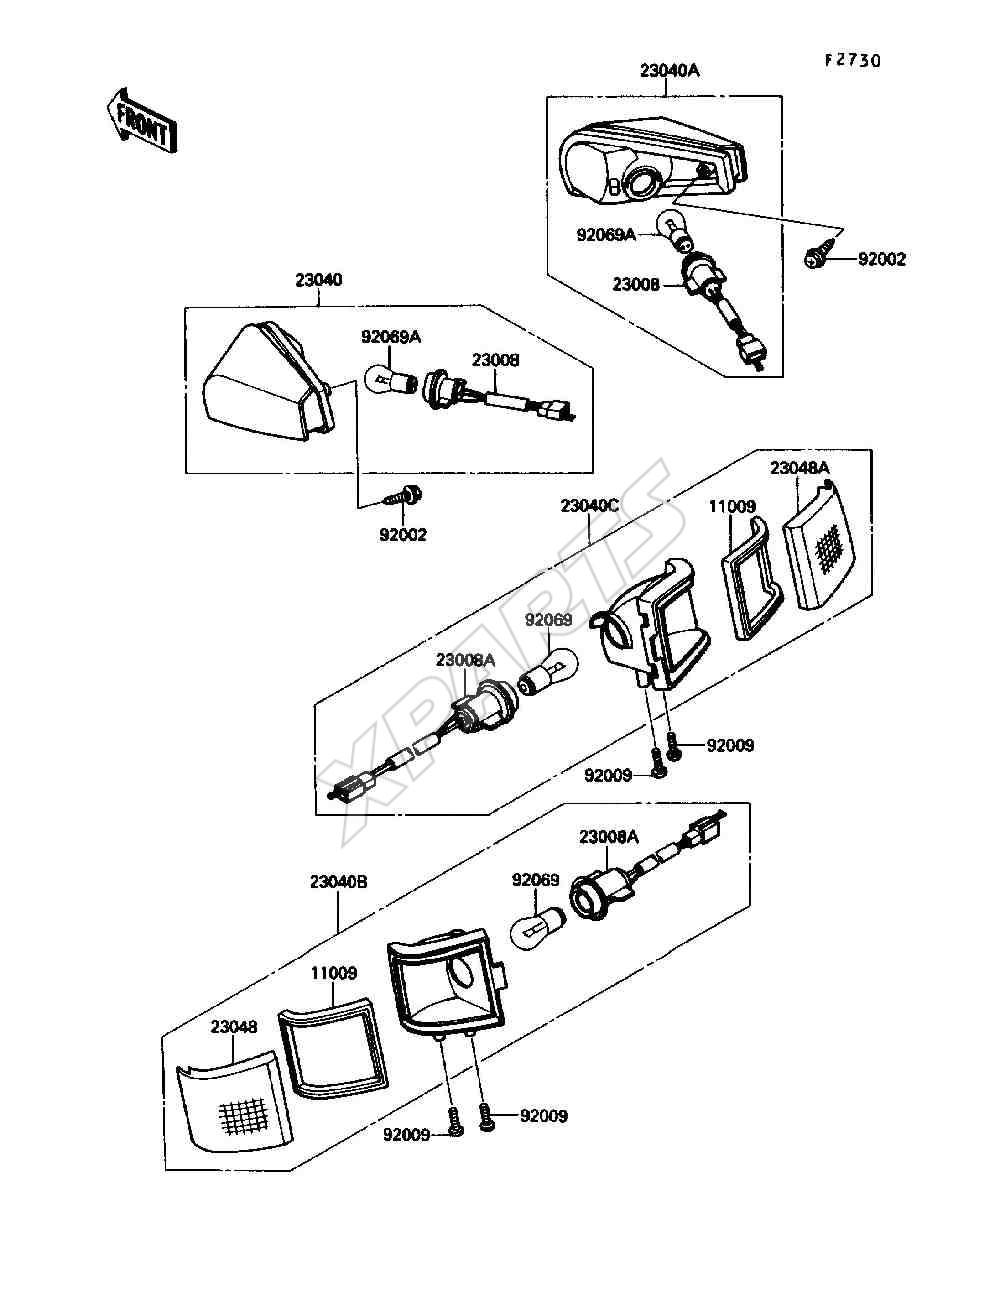 Kawasaki Ninja ZX-10 (ZX1000-B3) Turn Signals (1990)